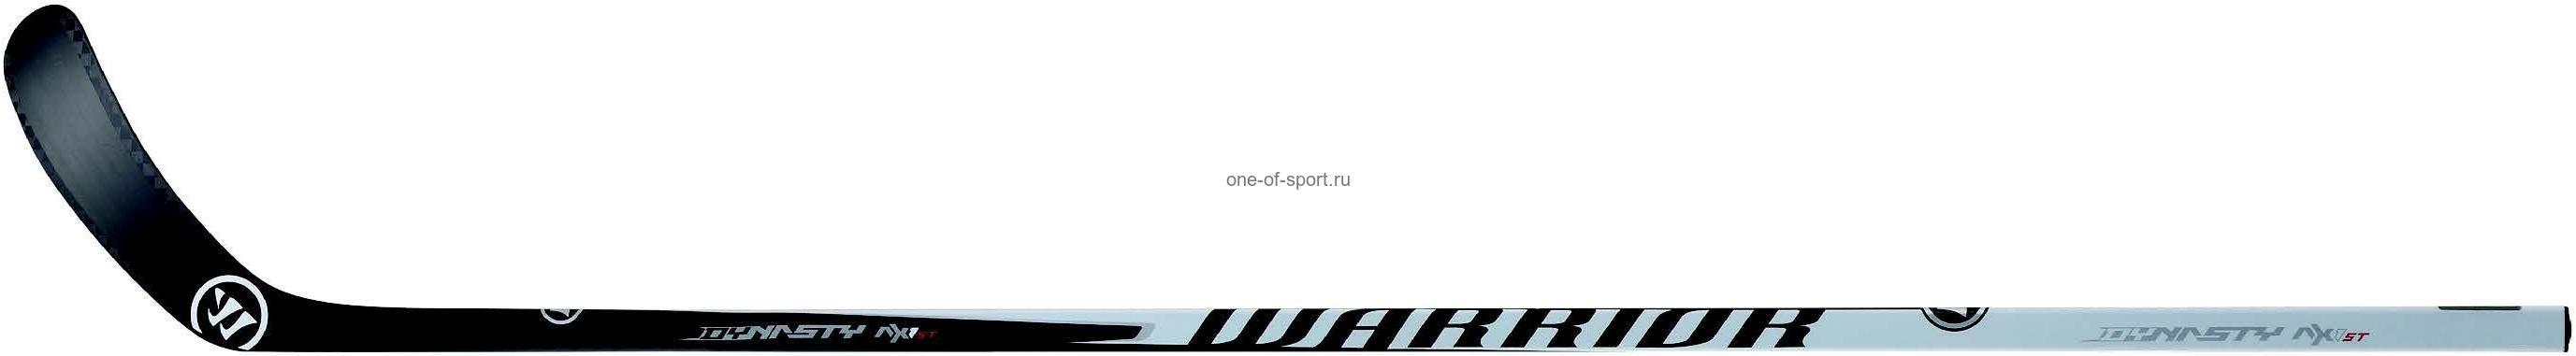 Клюшка хоккейная Warrior AX 1 T Grip 85 SR